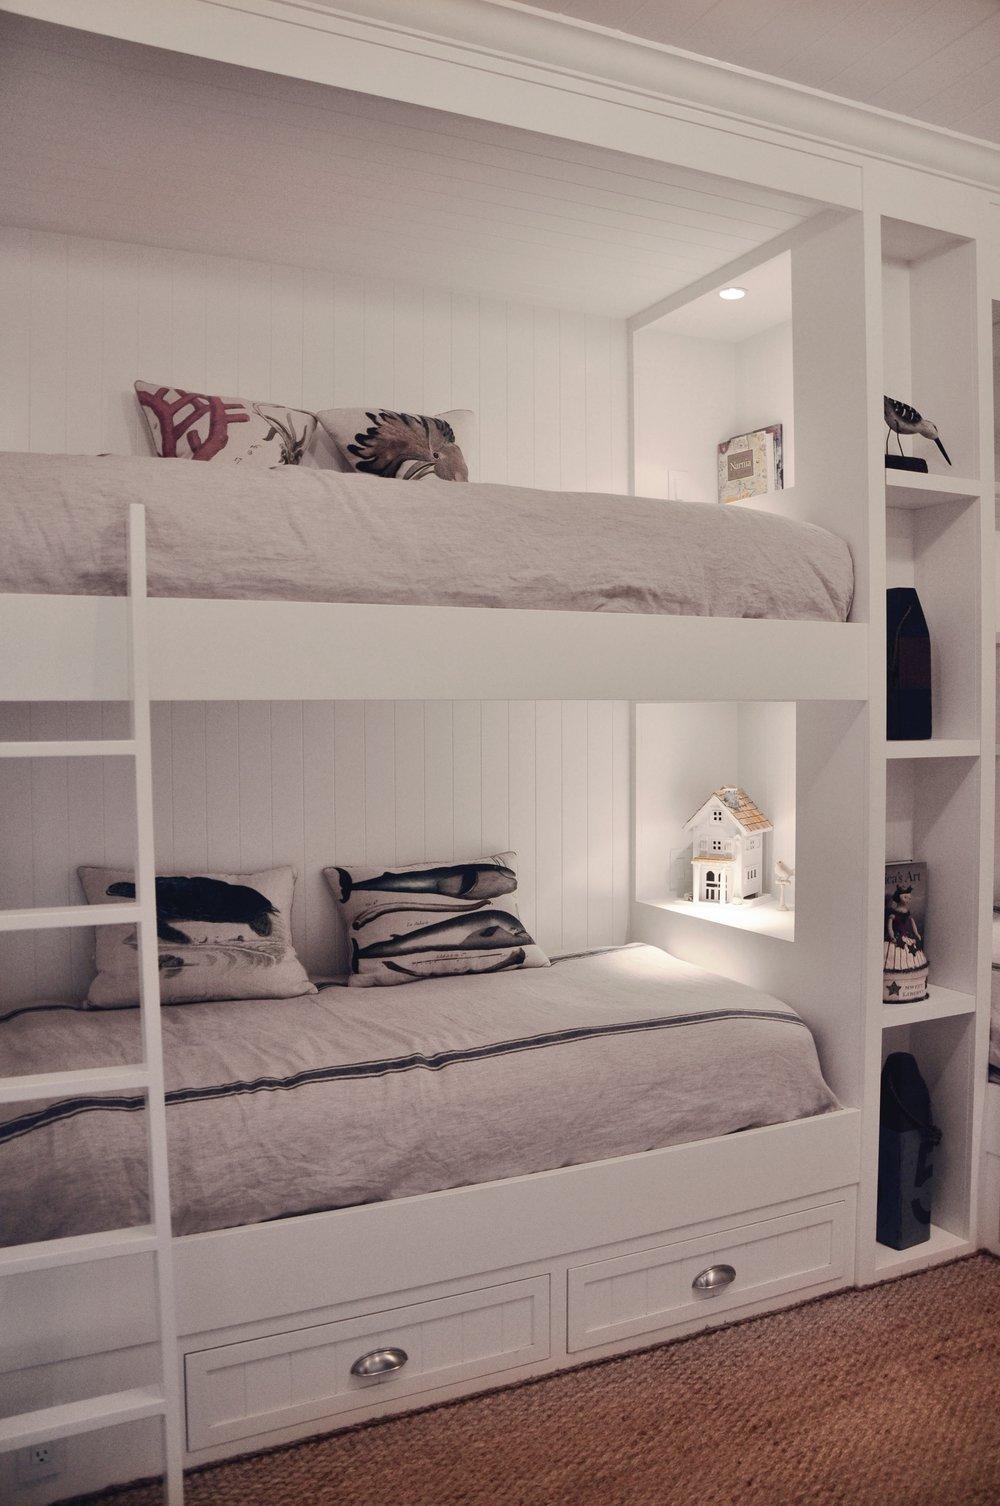 Bunk Bed B - 01.jpg